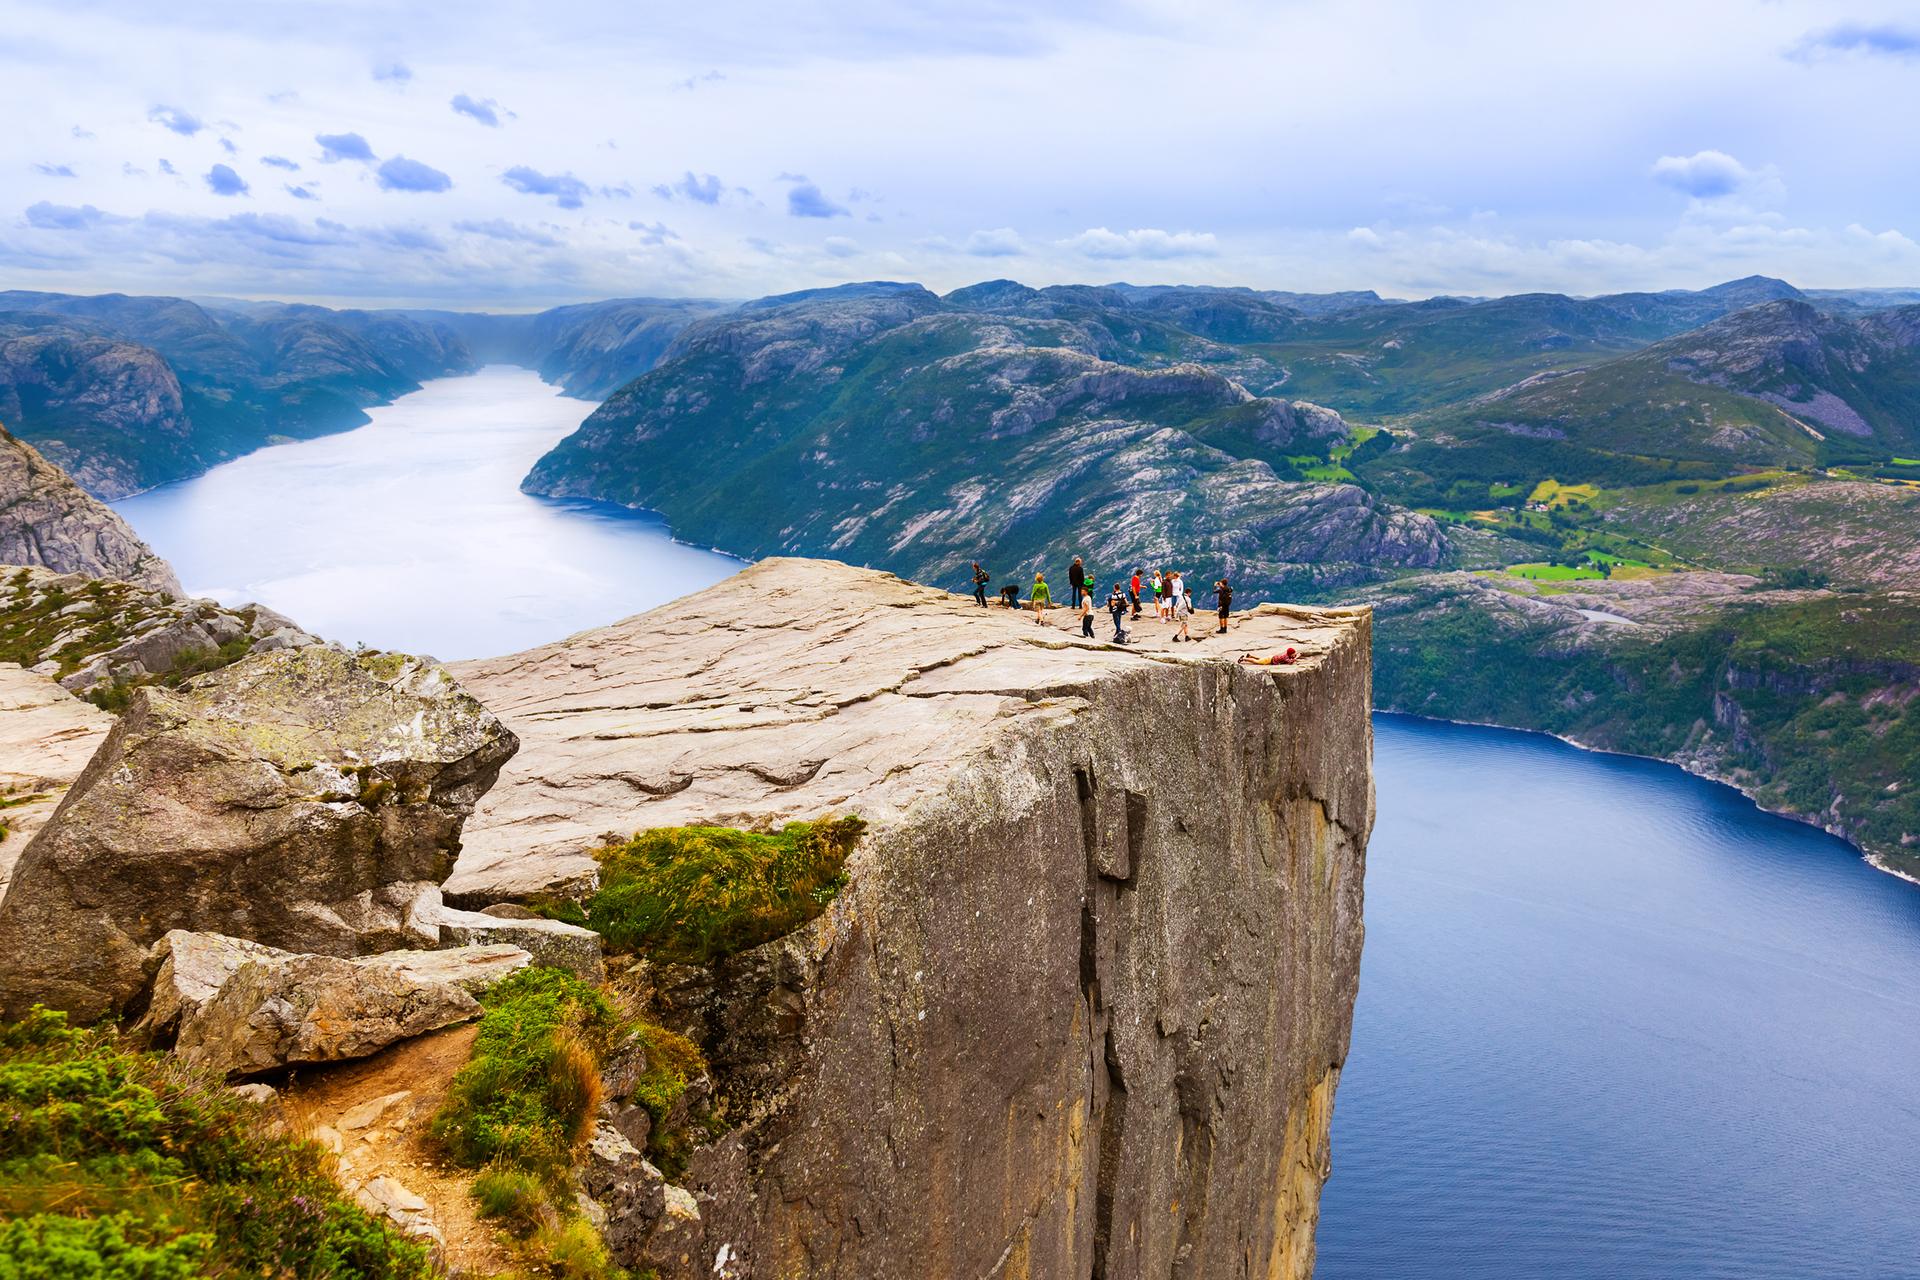 פוטו מקומות שחייבים להיות בהם סלע פולפיט פריקסטולן נורווגיה